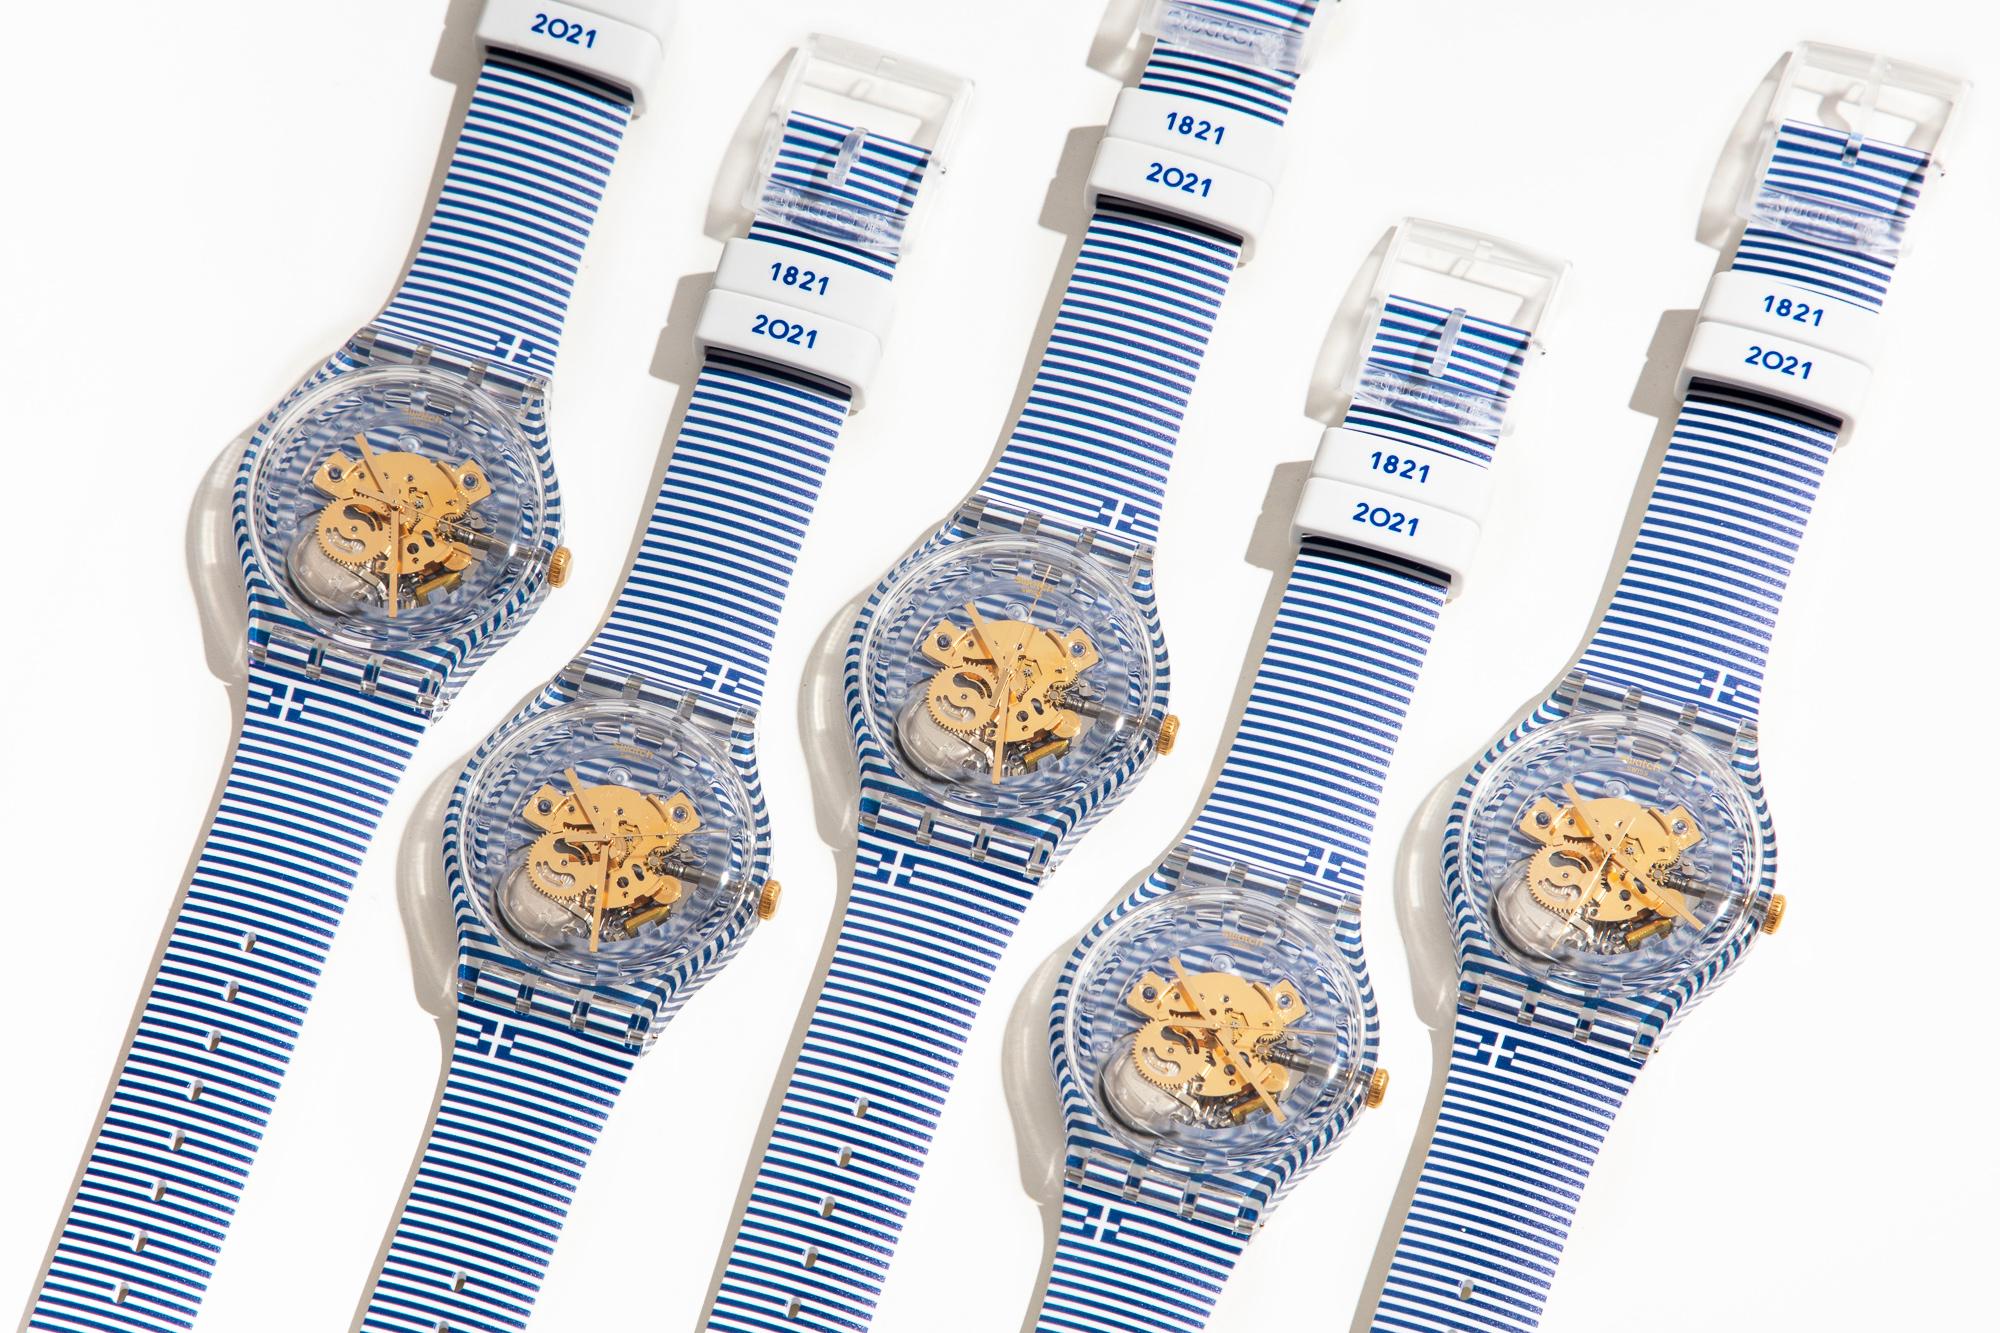 Επανάσταση 1821: Συλλεκτικό ρολόι της Swatch για τα 200 χρόνια